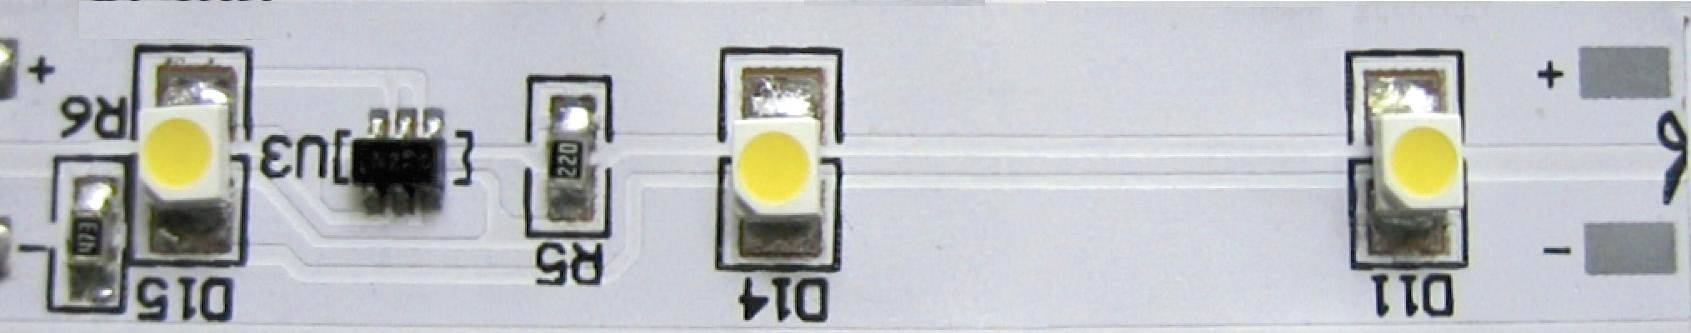 LED pás ohebný samolepicí 12VDC ledxon LED STRIPE 12VDC ROT, 9009044, 50 mm, červená